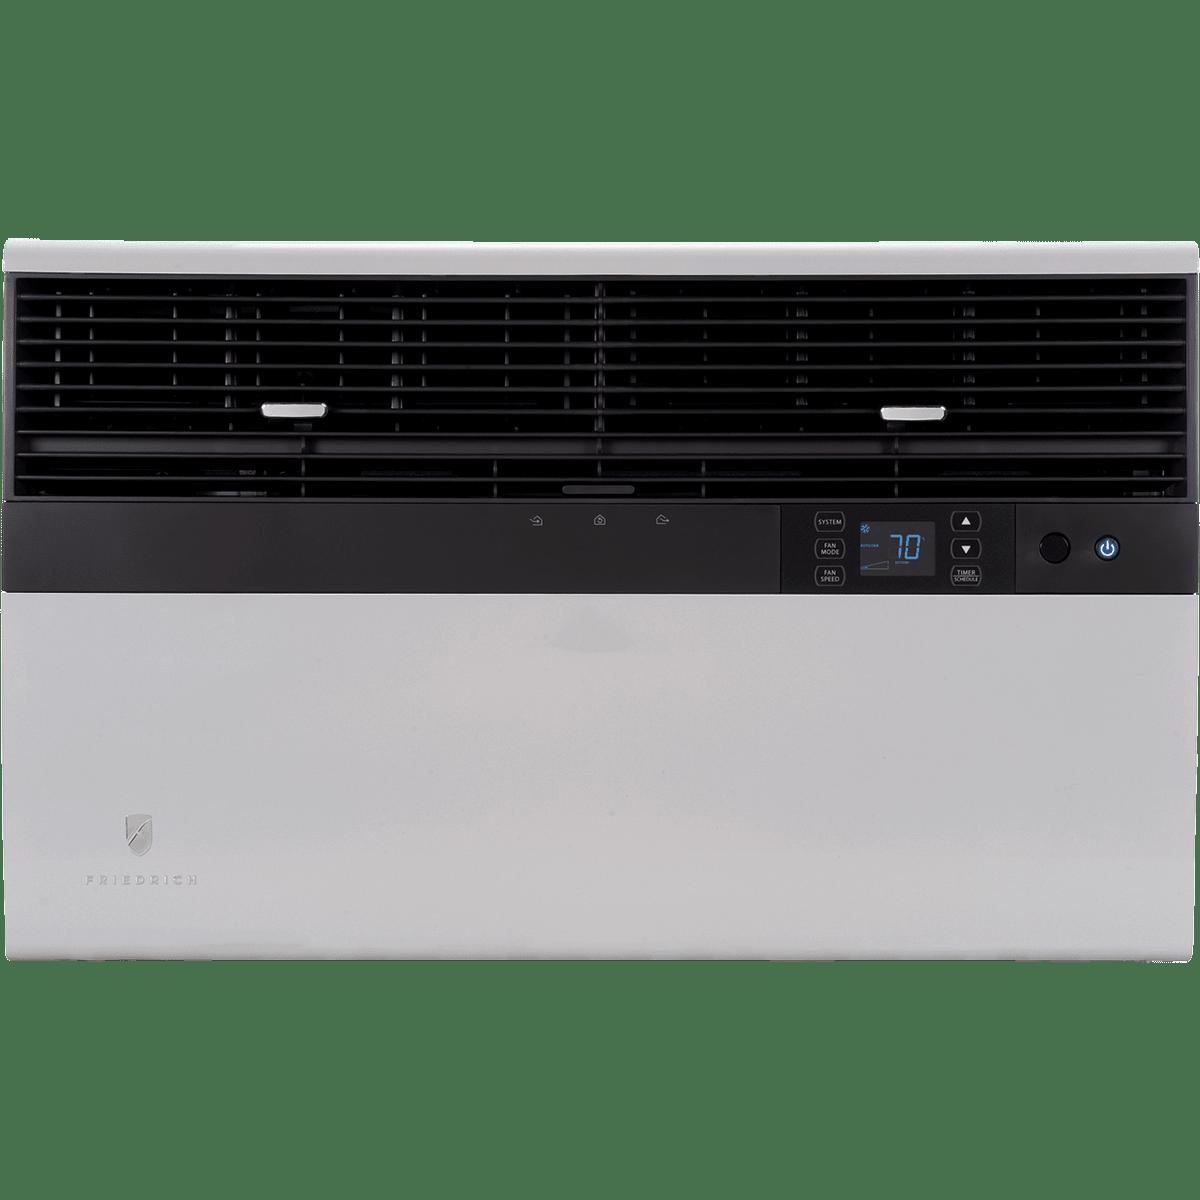 Friedrich Kuhl 20,000 BTU Window Air Conditioner